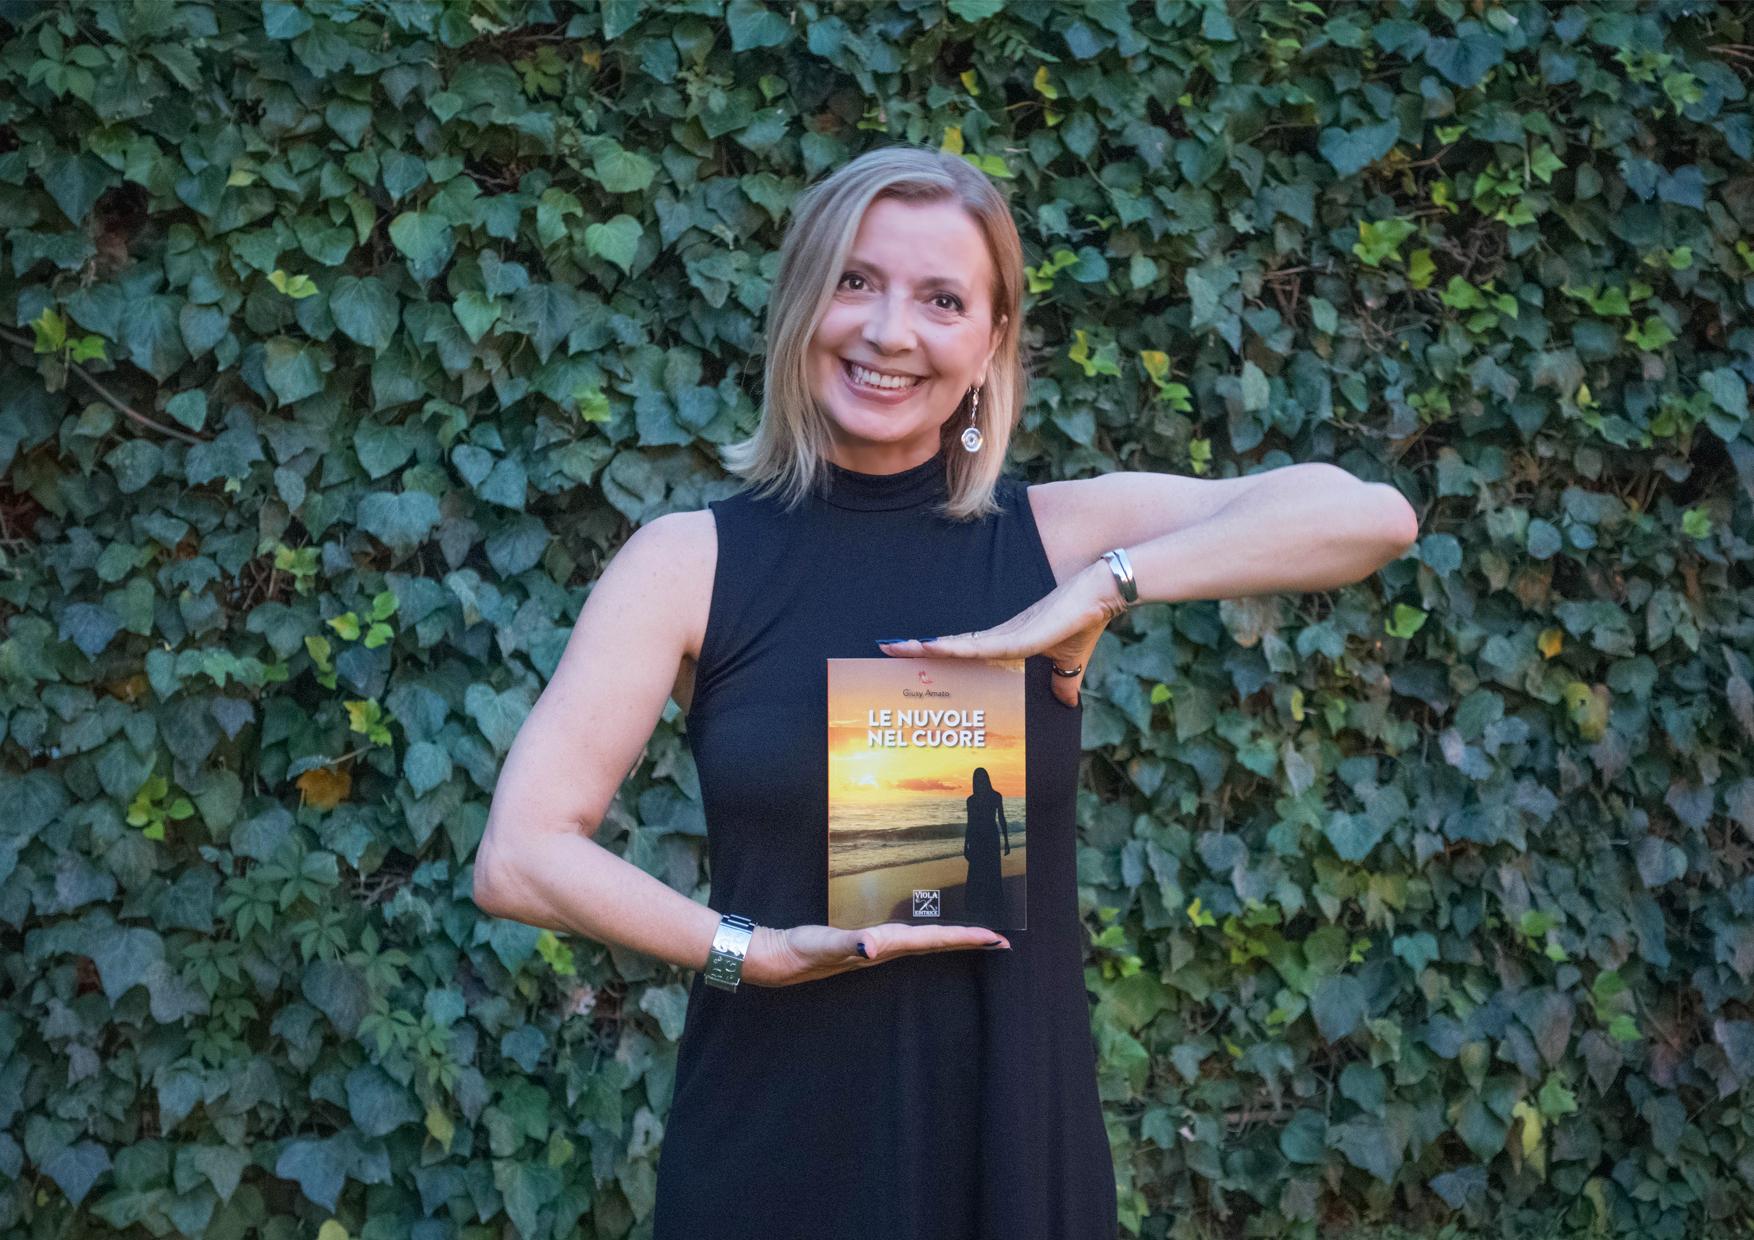 La presentazione di Giusy Amato e del suo straordinario libro le nuvole nel cuore